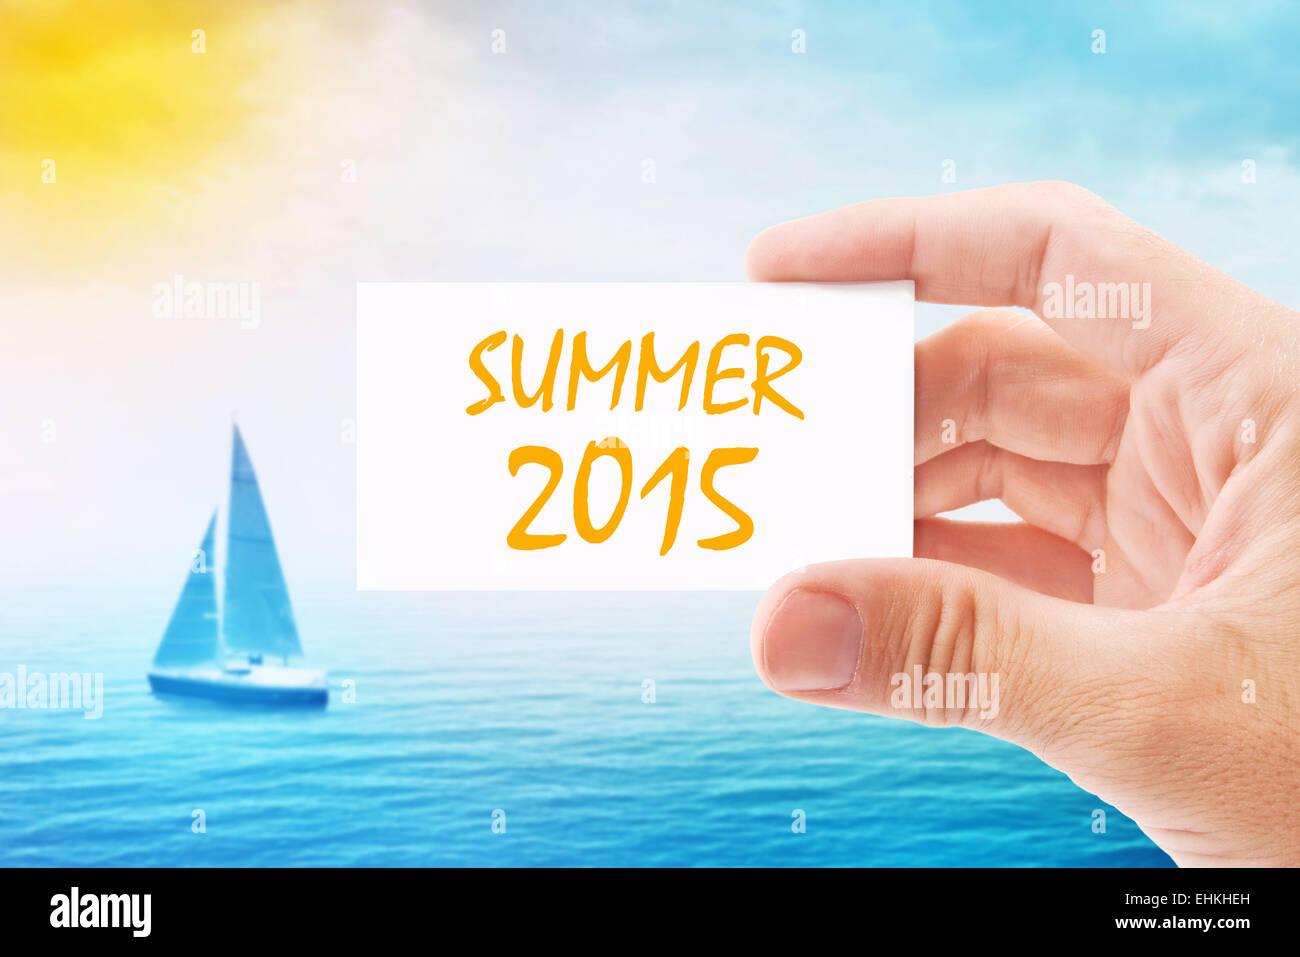 Sunny Holiday Travel Agency